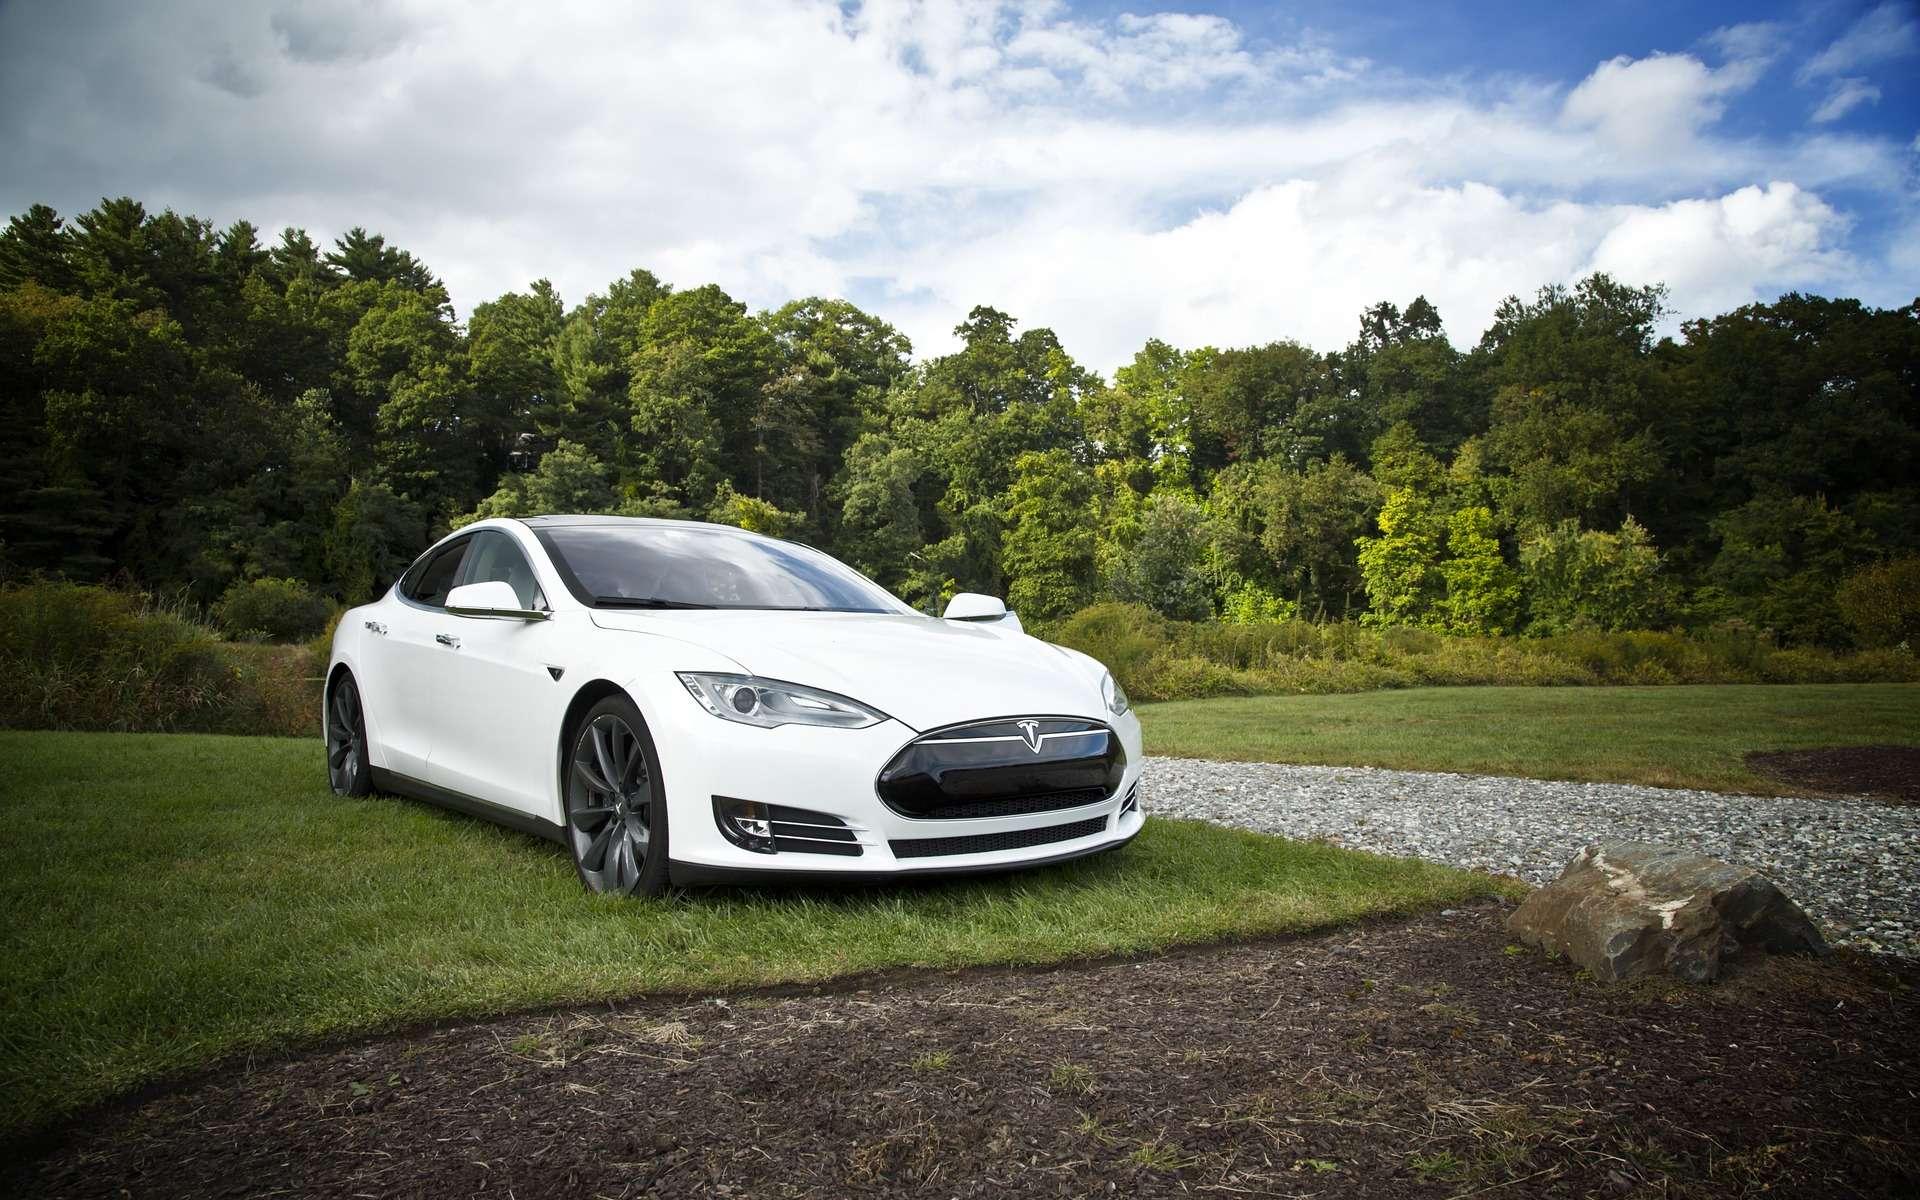 Cette Tesla Model S est équipée du système Autopilot la rendant semi-autonome. © Free-Photos, Pixabay, CC0 Creative Commons